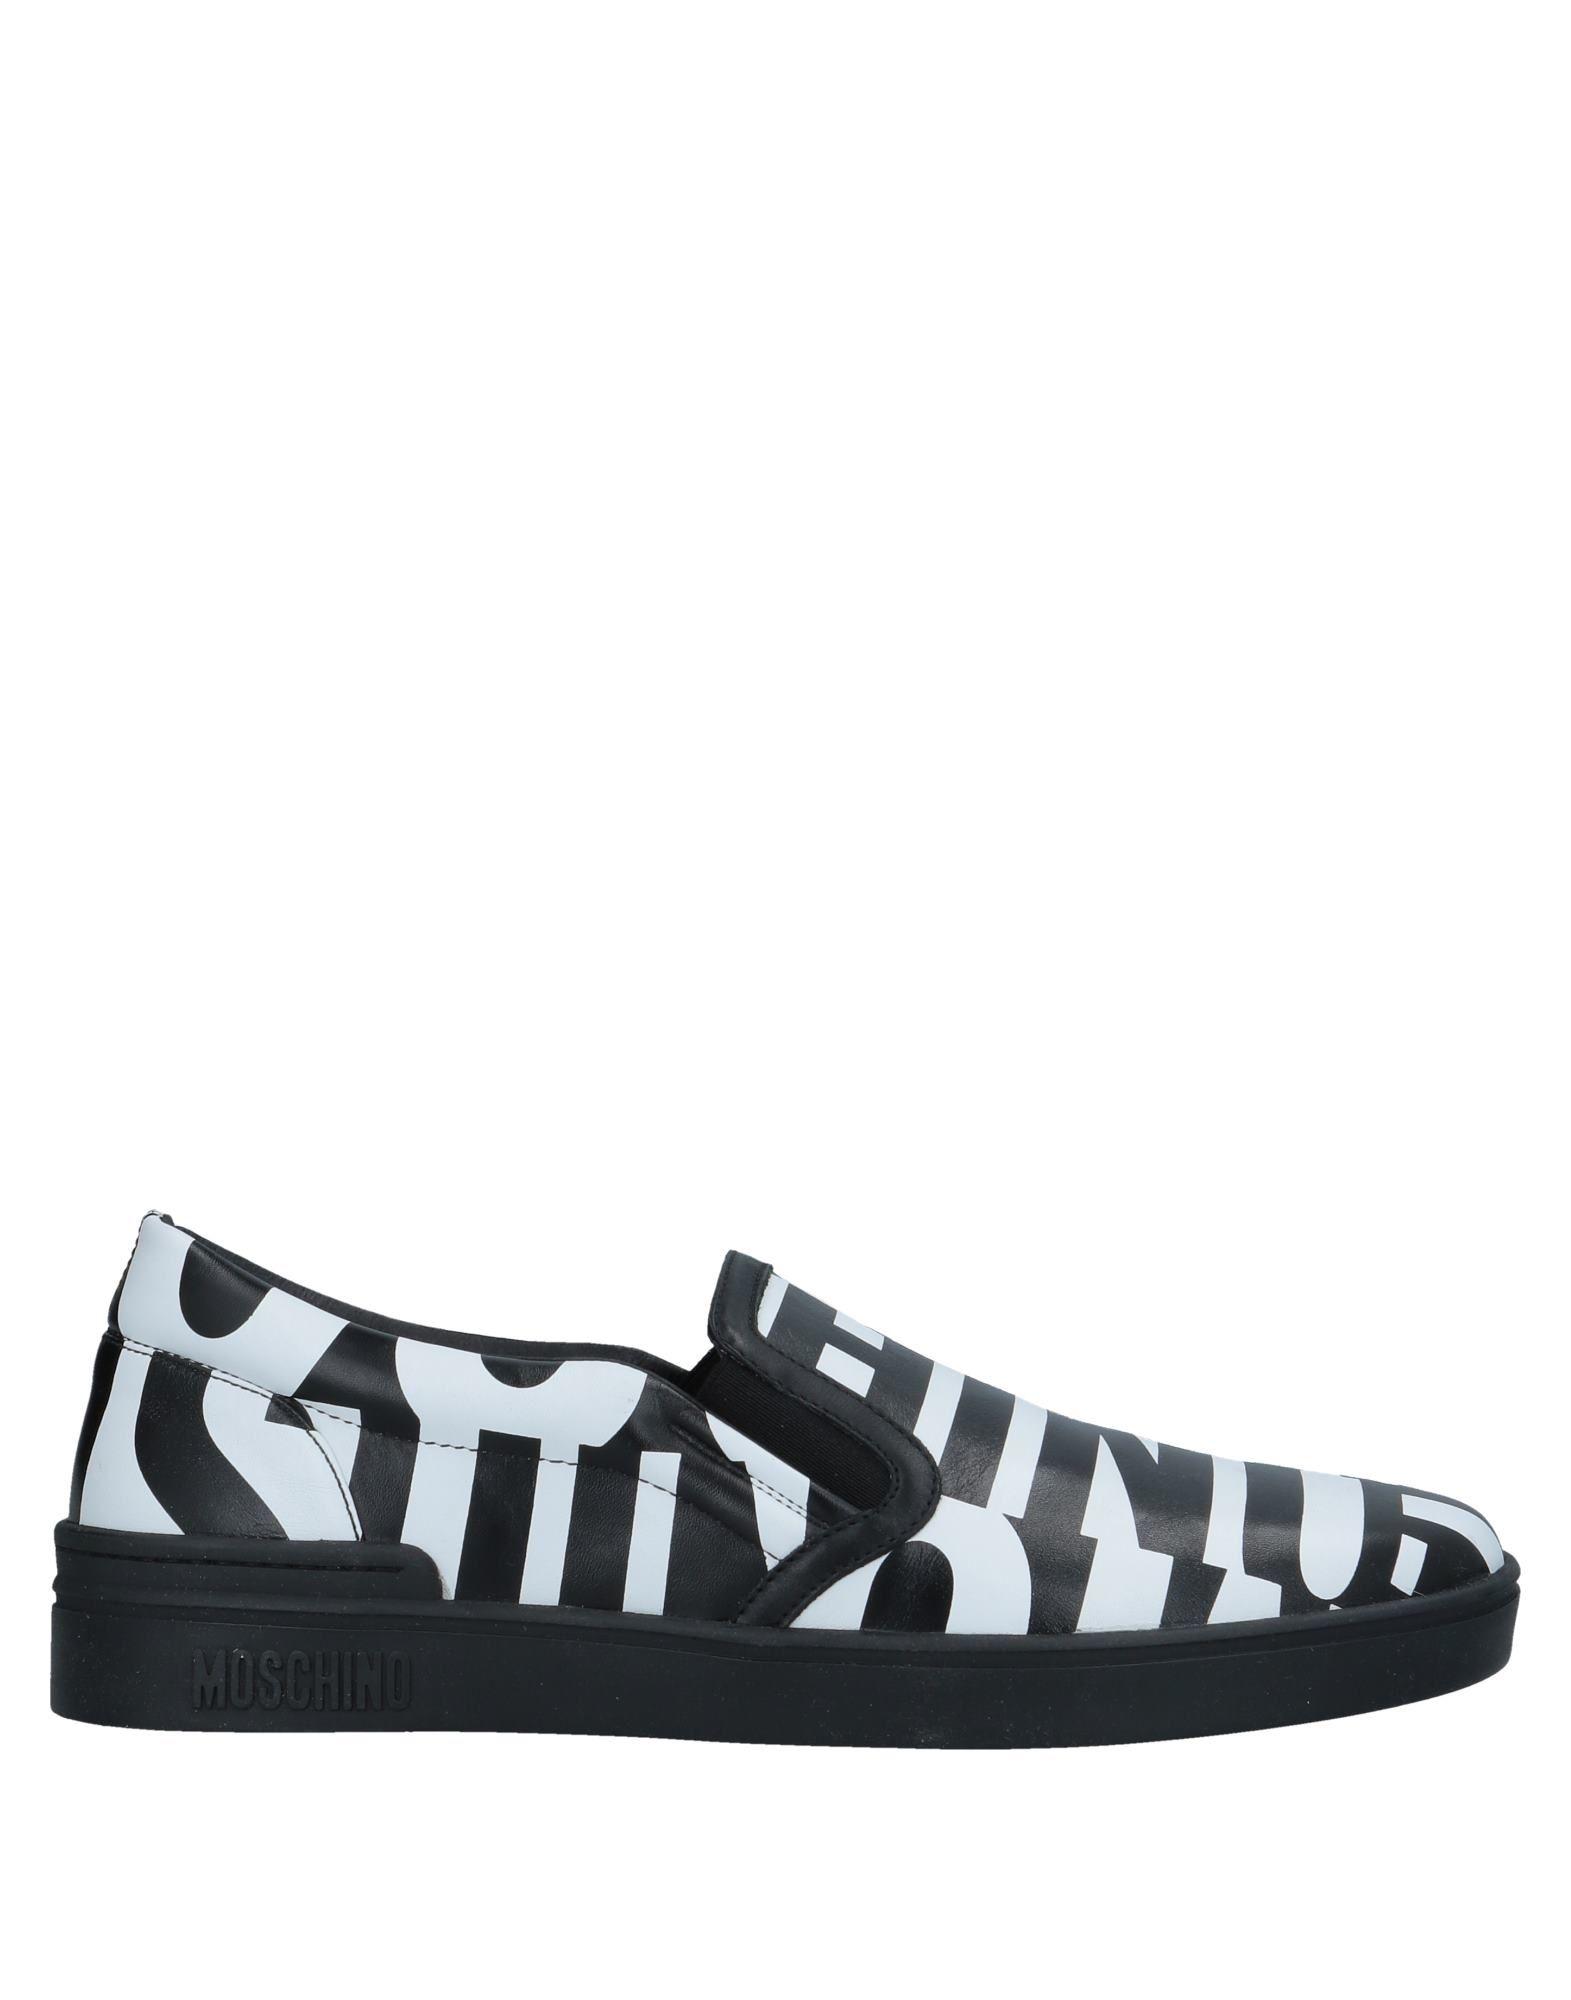 Moschino 11496207LK Sneakers Herren  11496207LK Moschino Gute Qualität beliebte Schuhe c7cdbe